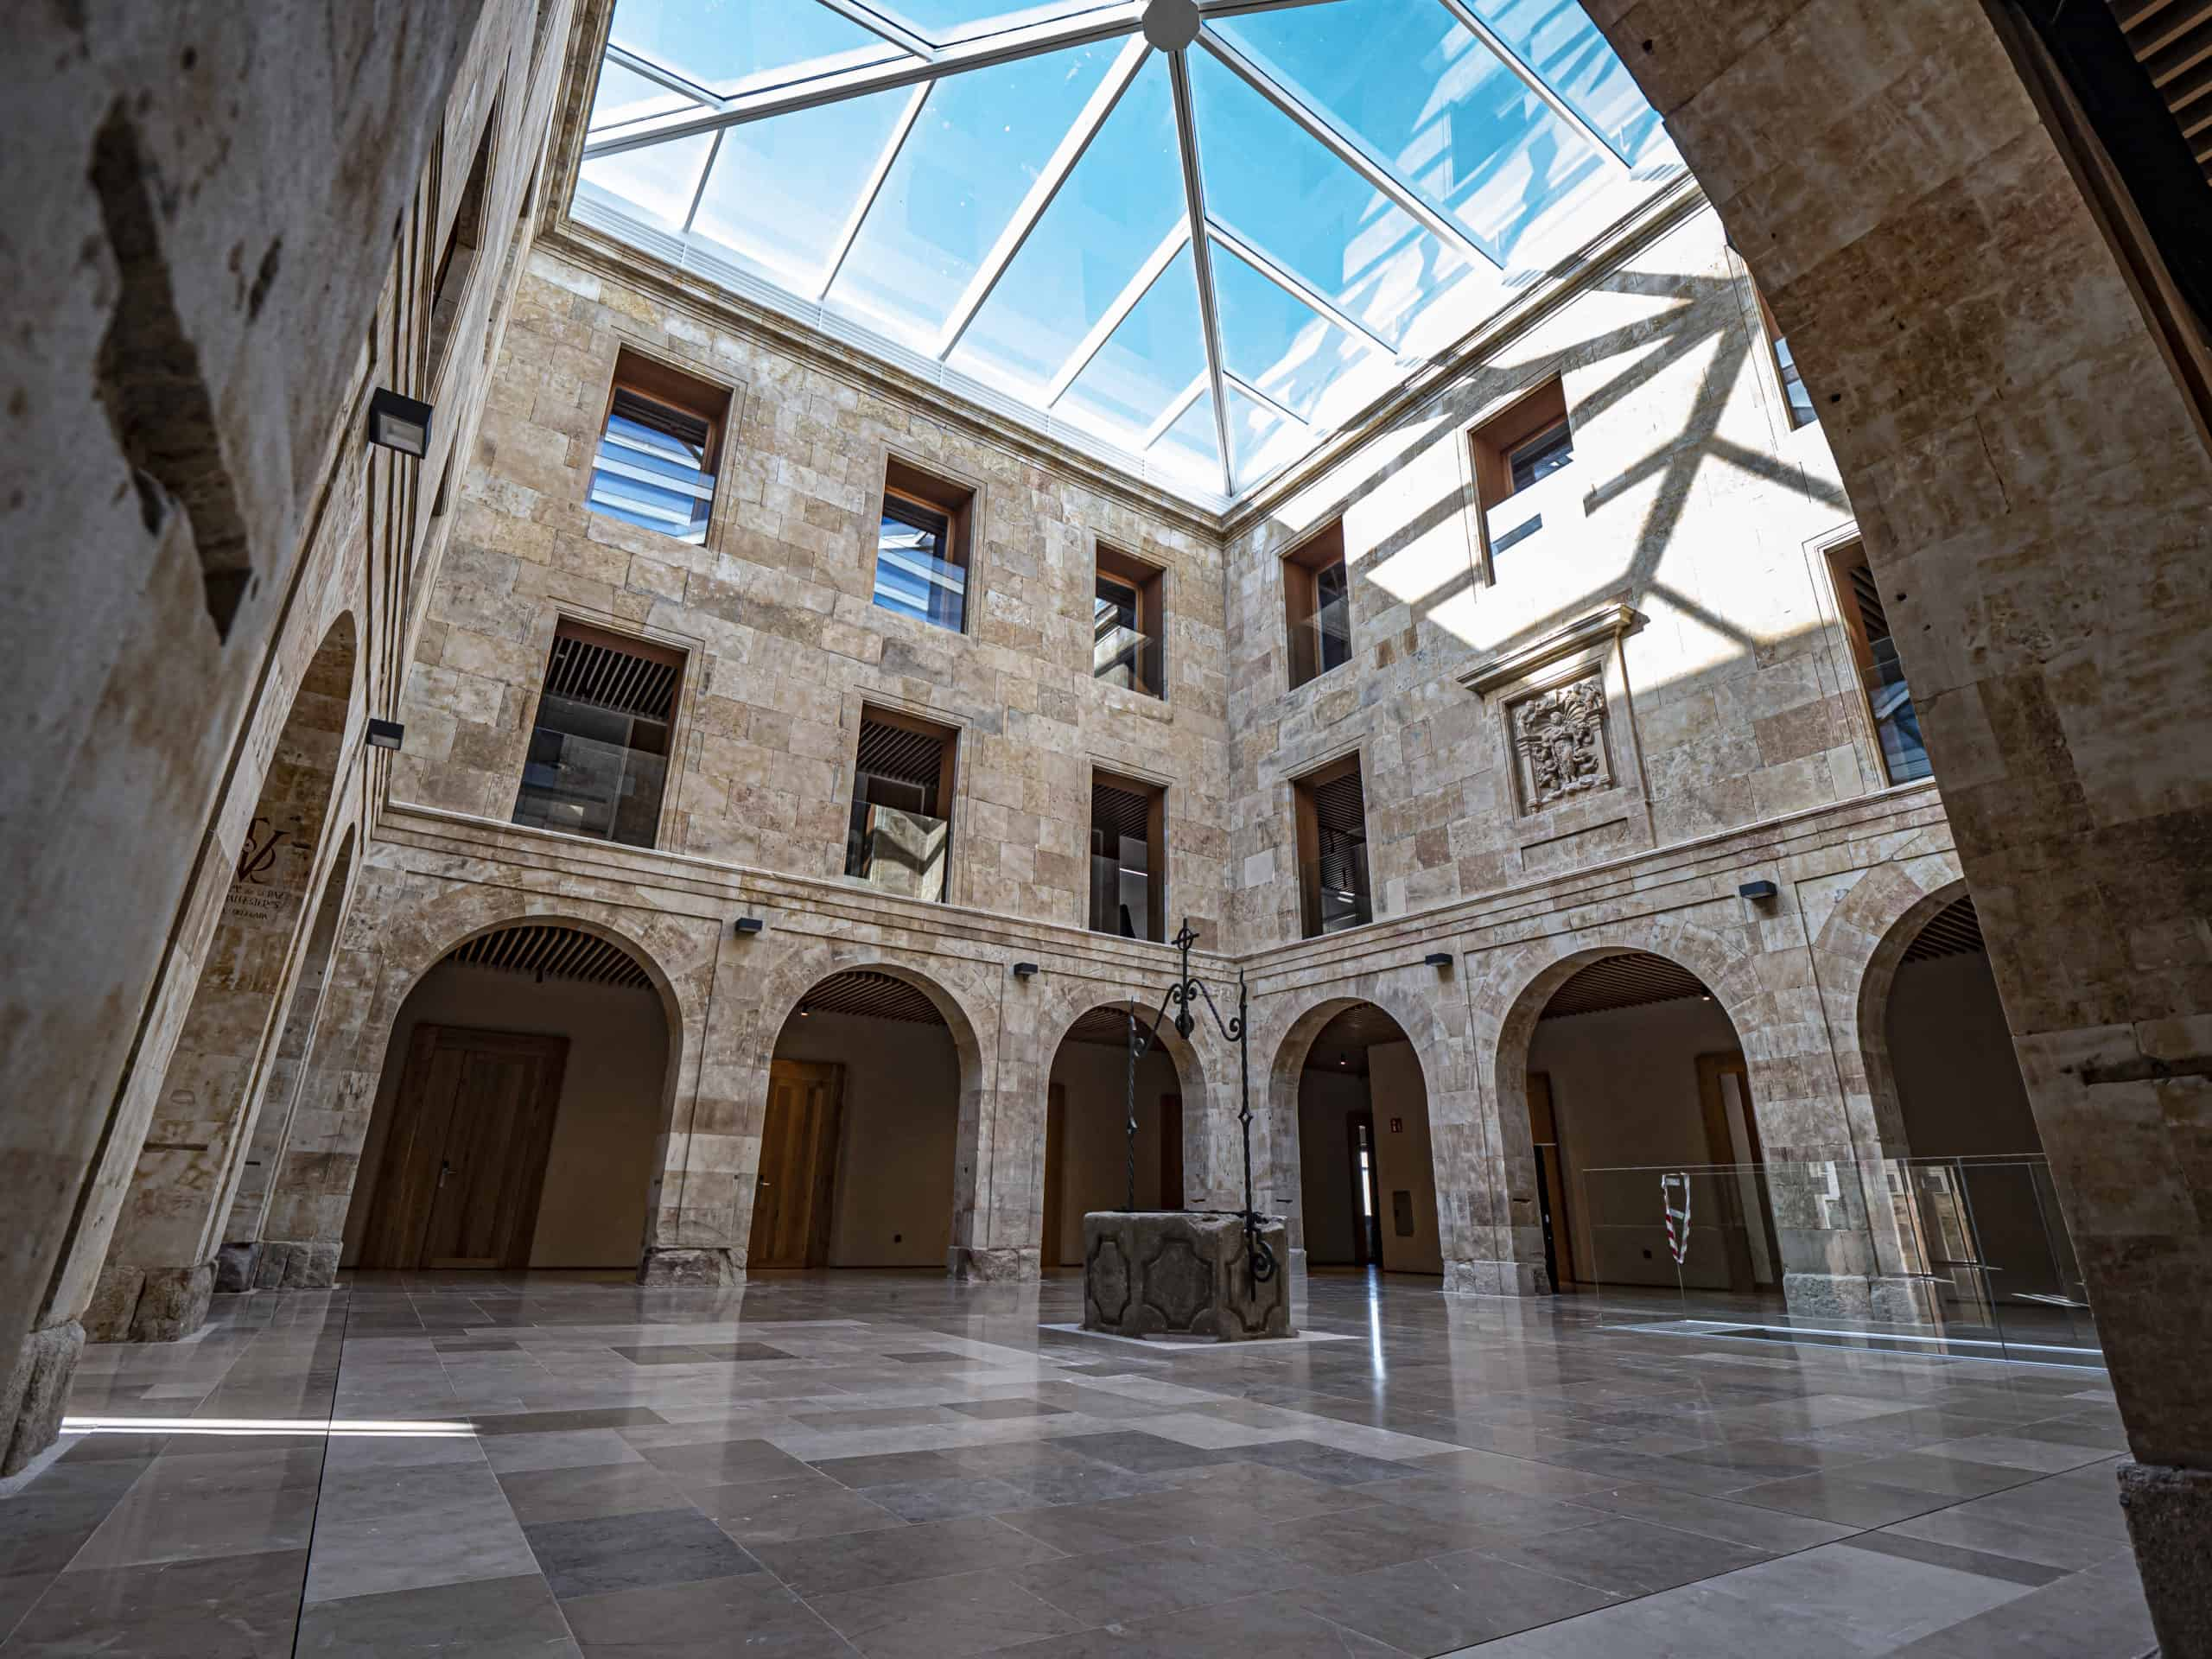 Aulario de Cursos Internacionales de la Universidad de Salamanca | P1122649 scaled